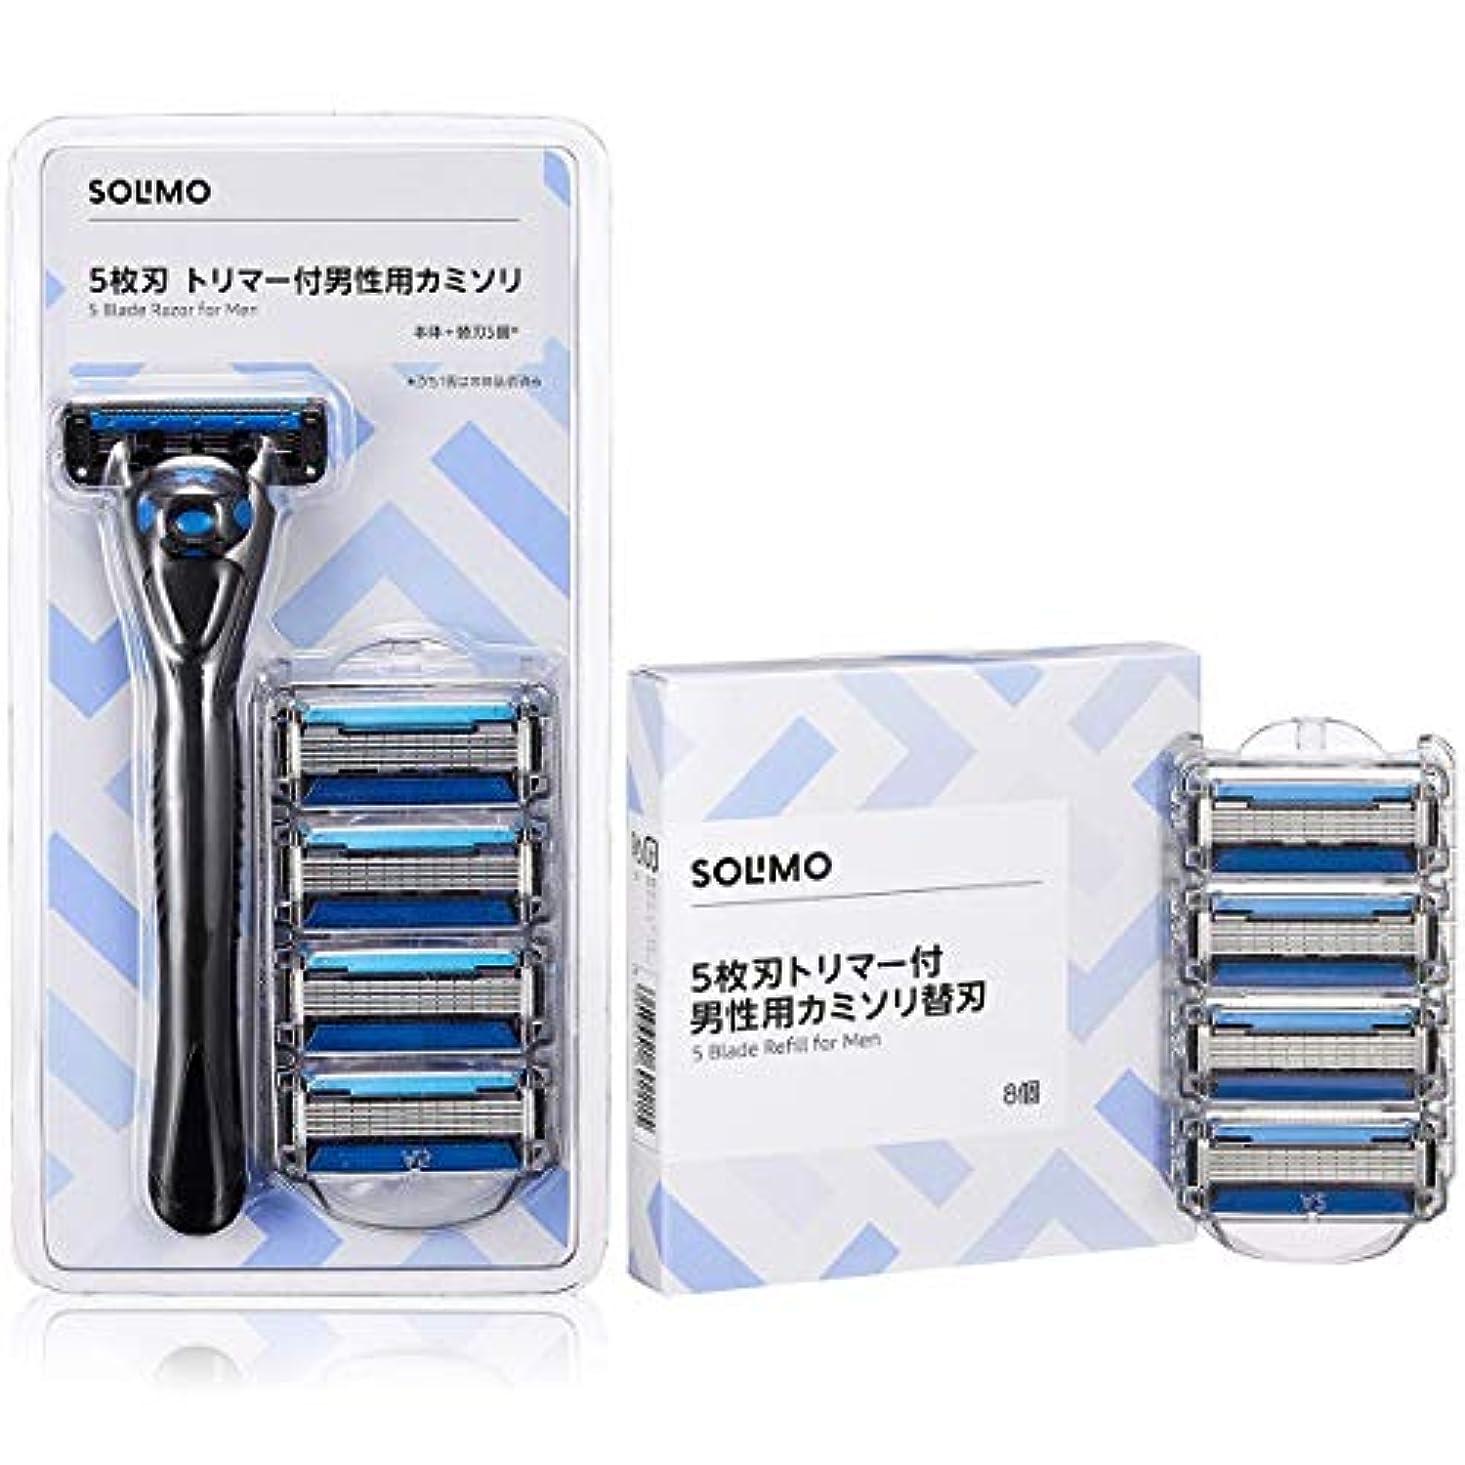 そよ風弁護人将来の[Amazonブランド]SOLIMO 5枚刃 トリマー付 男性用 カミソリ本体+替刃5個付(うち1個は本体装着済み) & カミソリ替刃8個